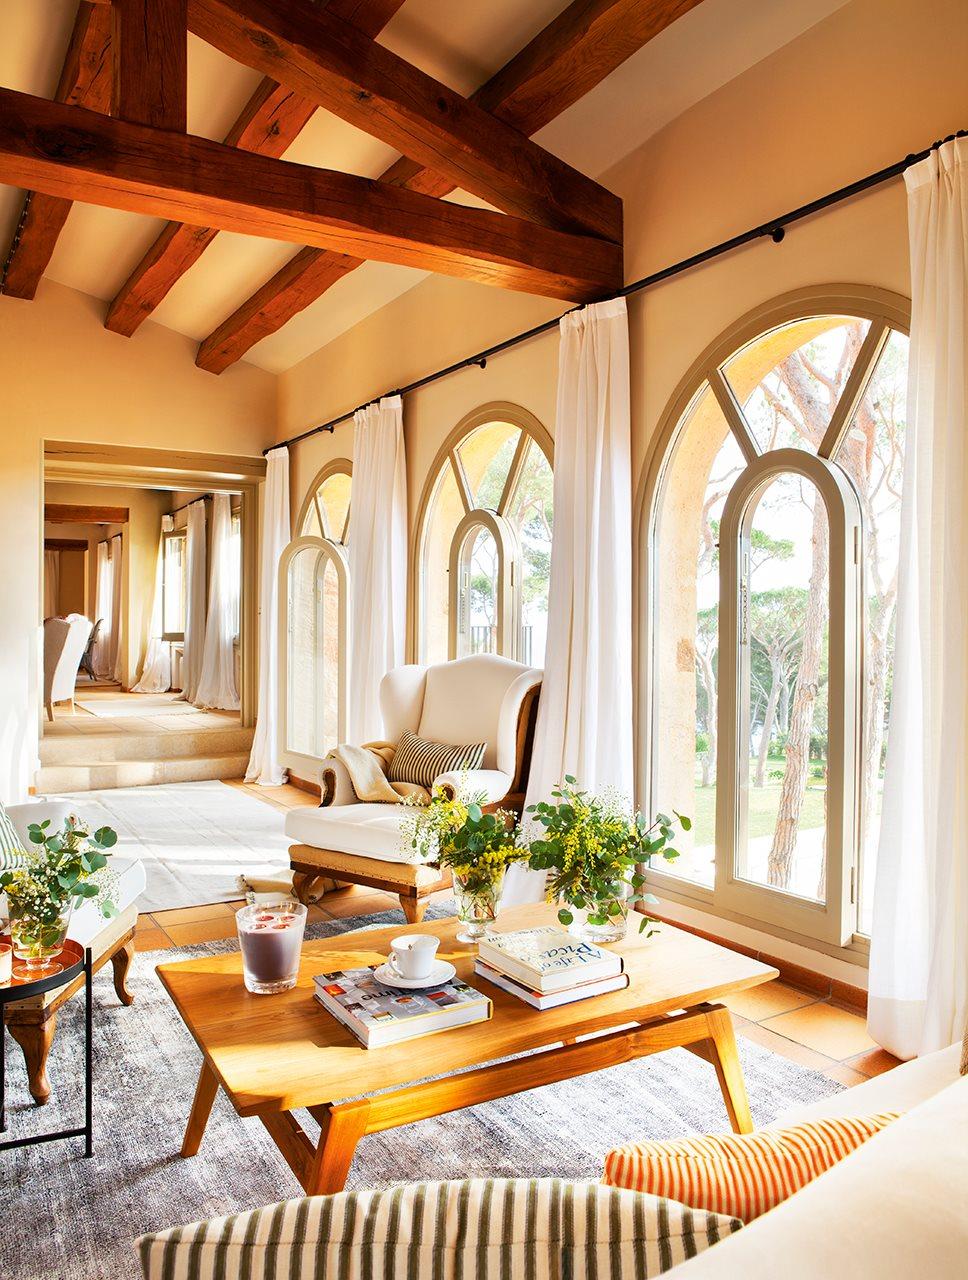 Una casa de campo en la costa brava - Estores para balcones ...